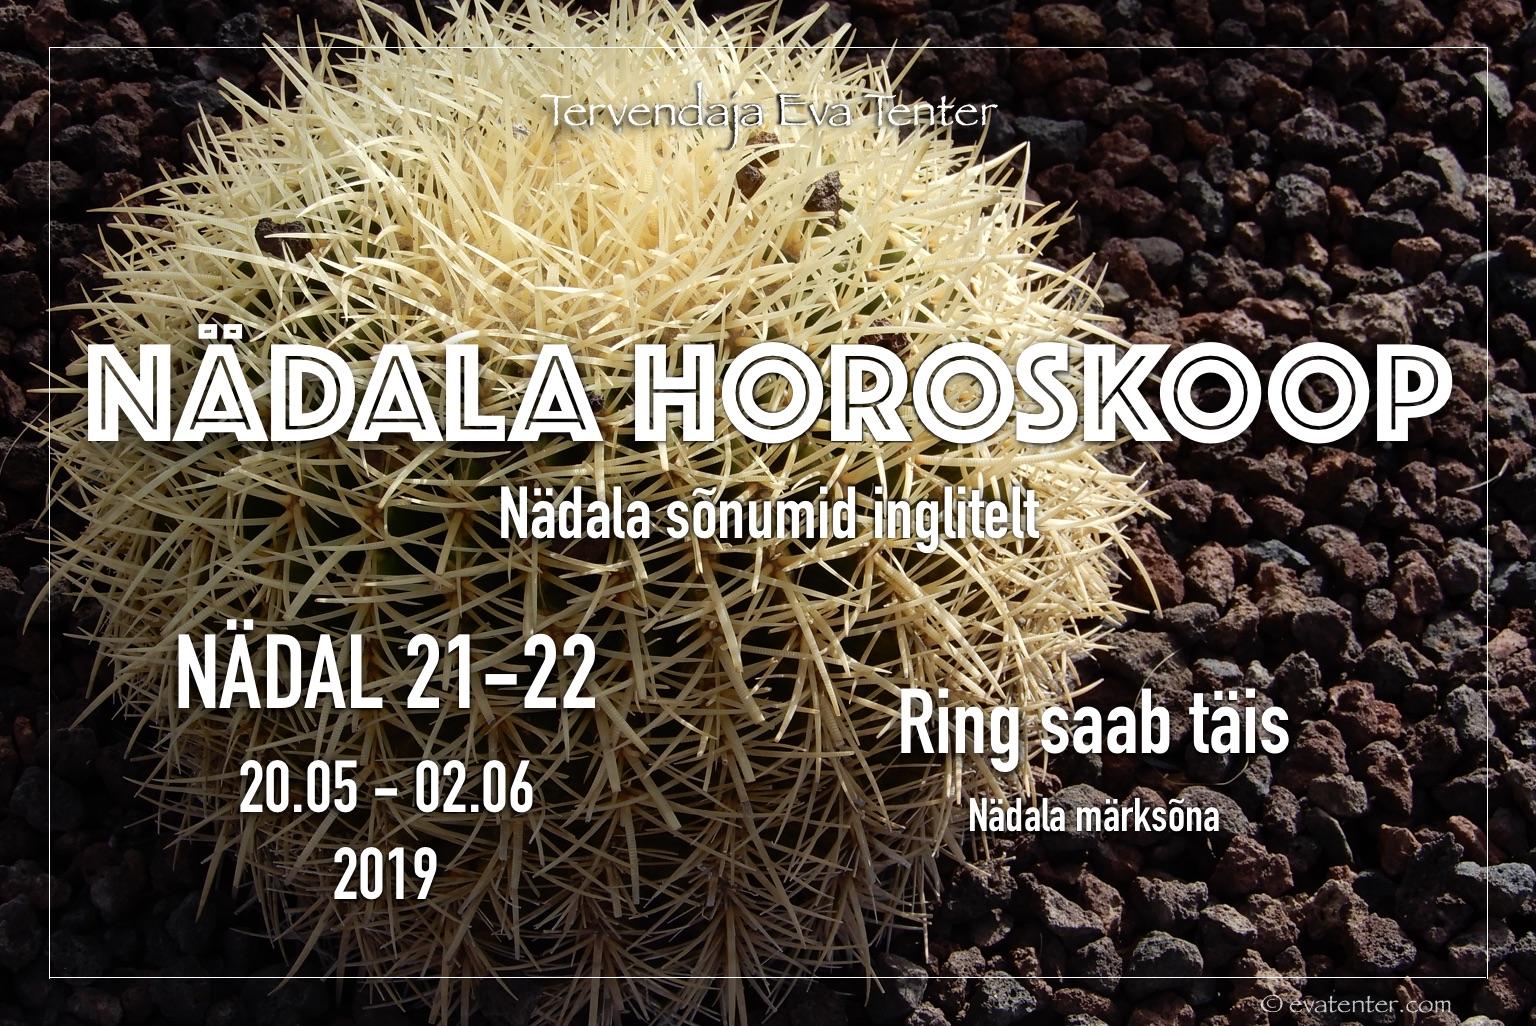 Nädala horoskoop 20.05-02.06.2019